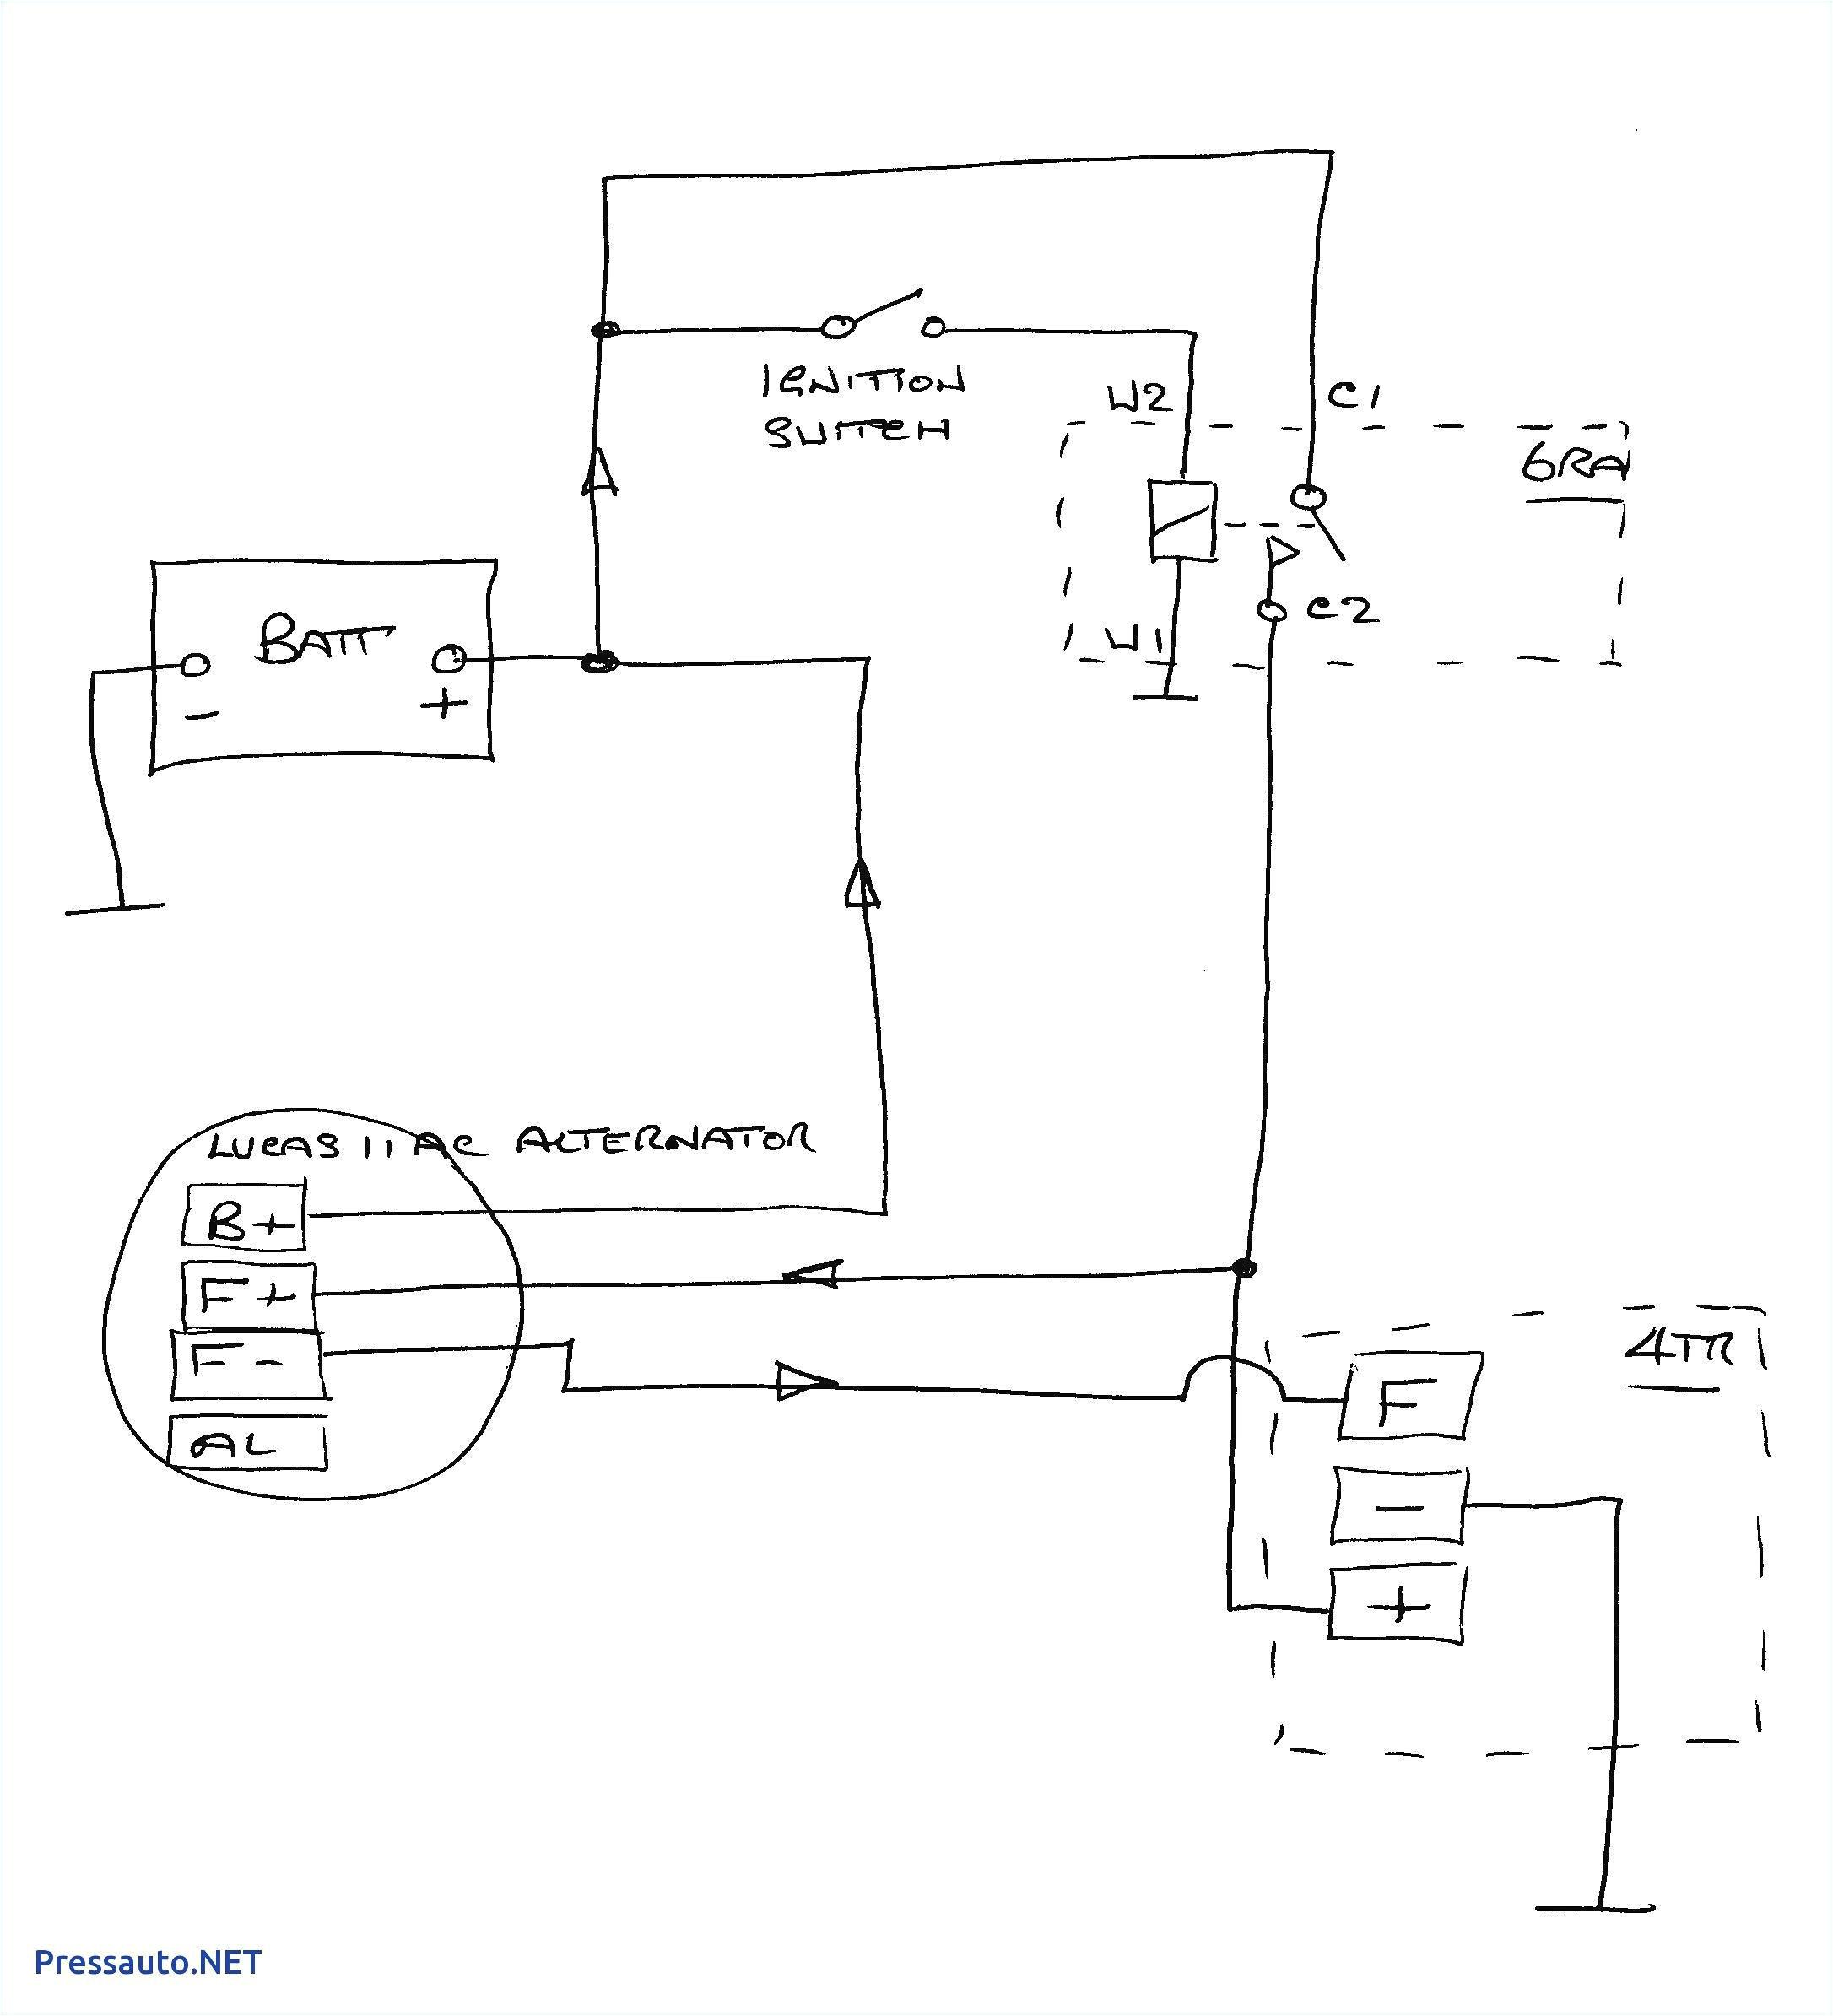 1983 deutz alternator wiring diagram wiring diagram host deutz valeo alternator wiring diagram